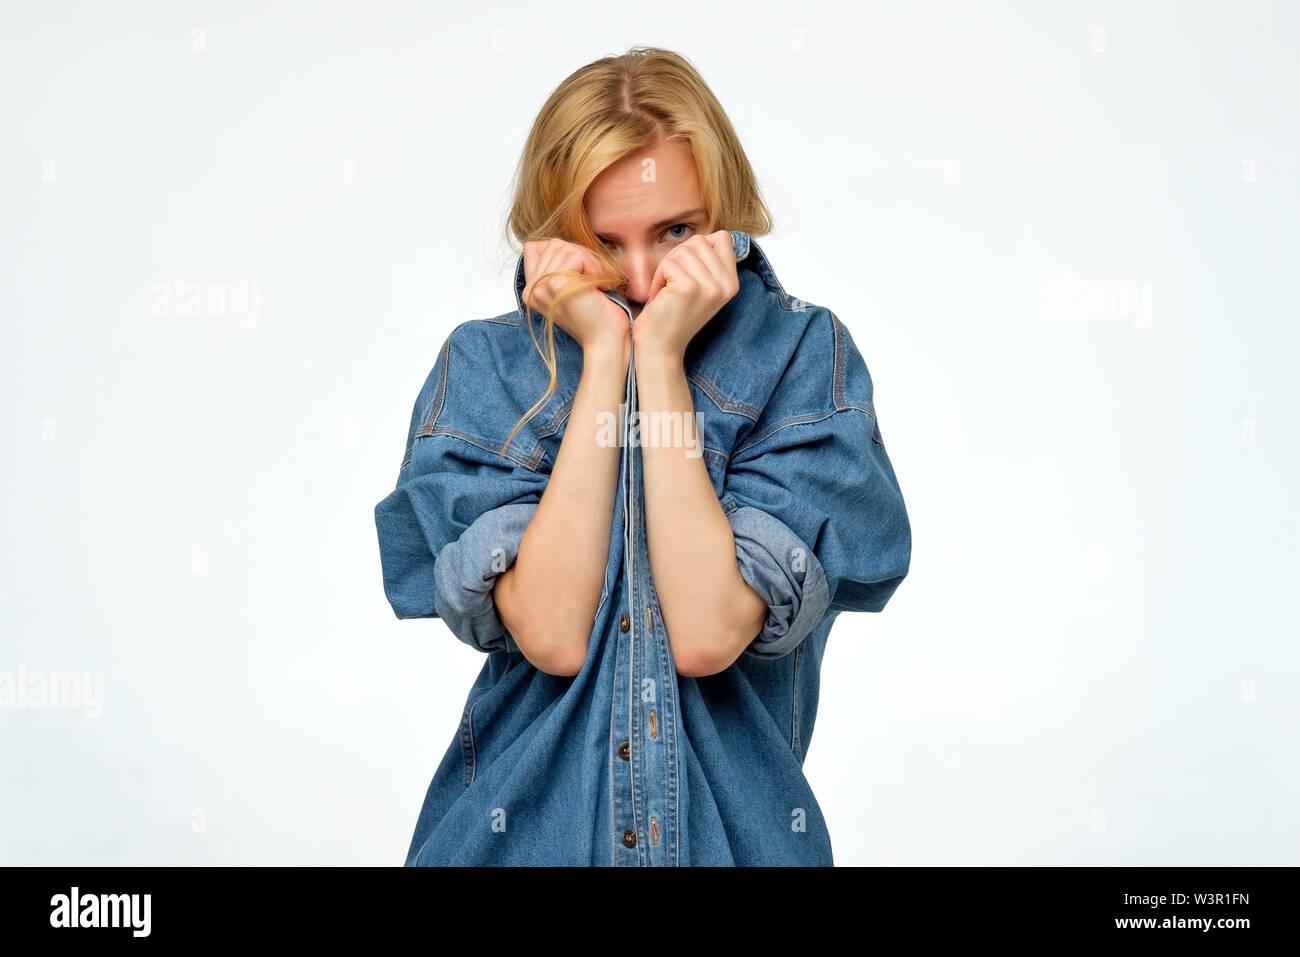 Femme en denim shirt r cachant son visage. Elle veut rester anonyme. Photo Stock